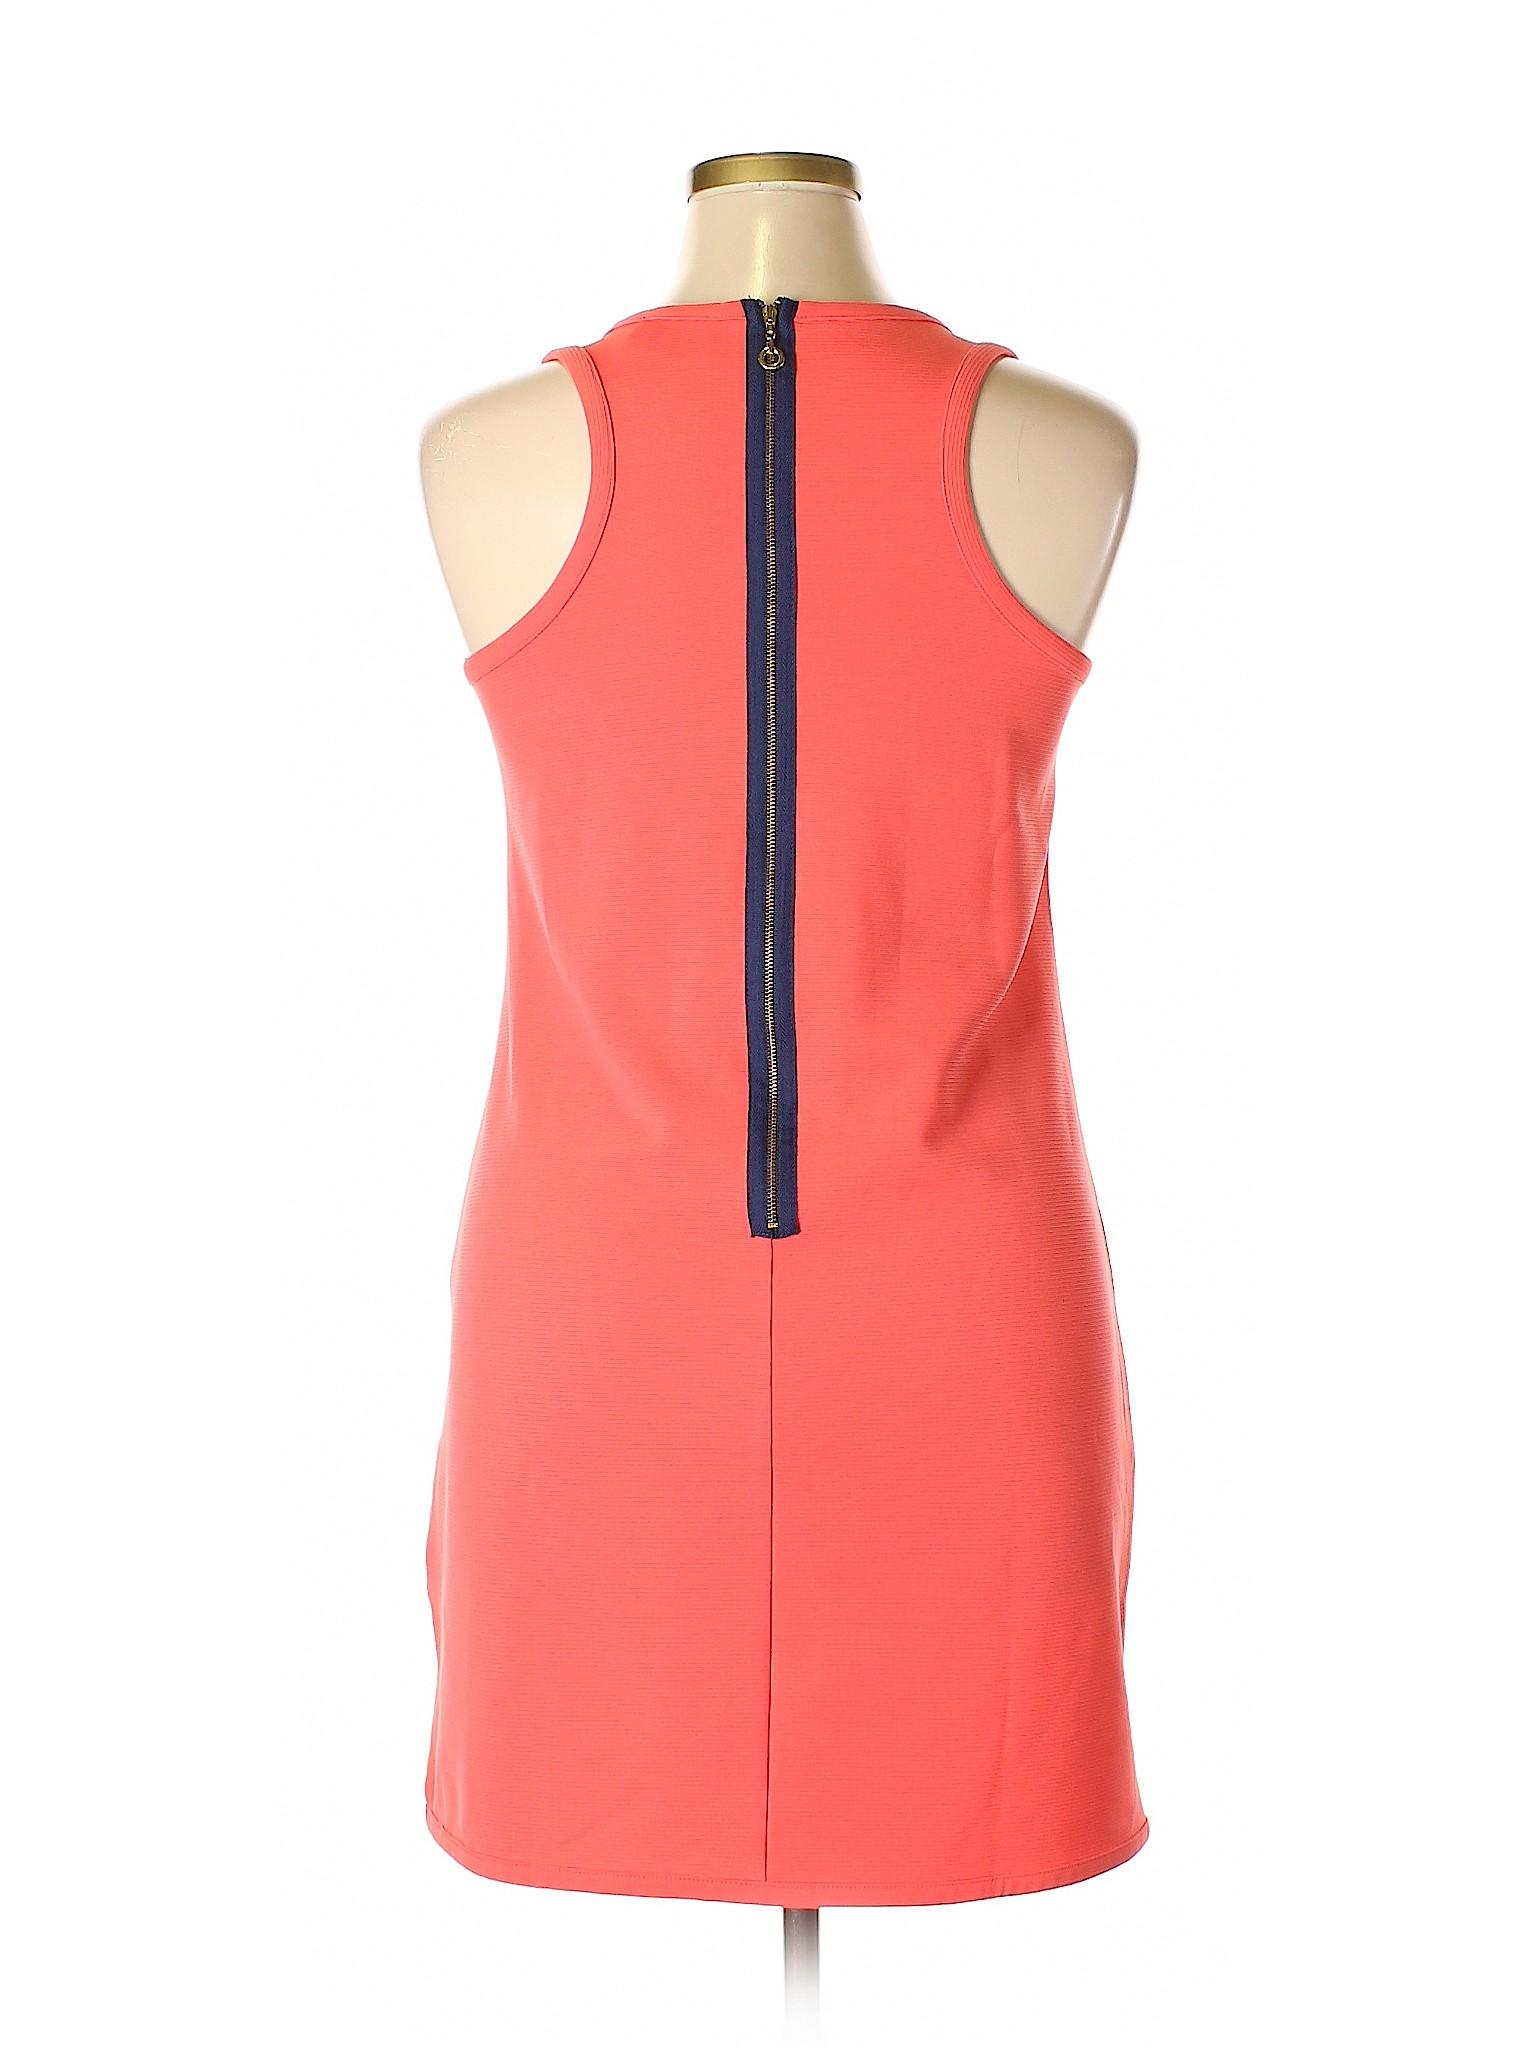 Cynthia Selling T J for Rowley Maxx Dress Casual dgxgP